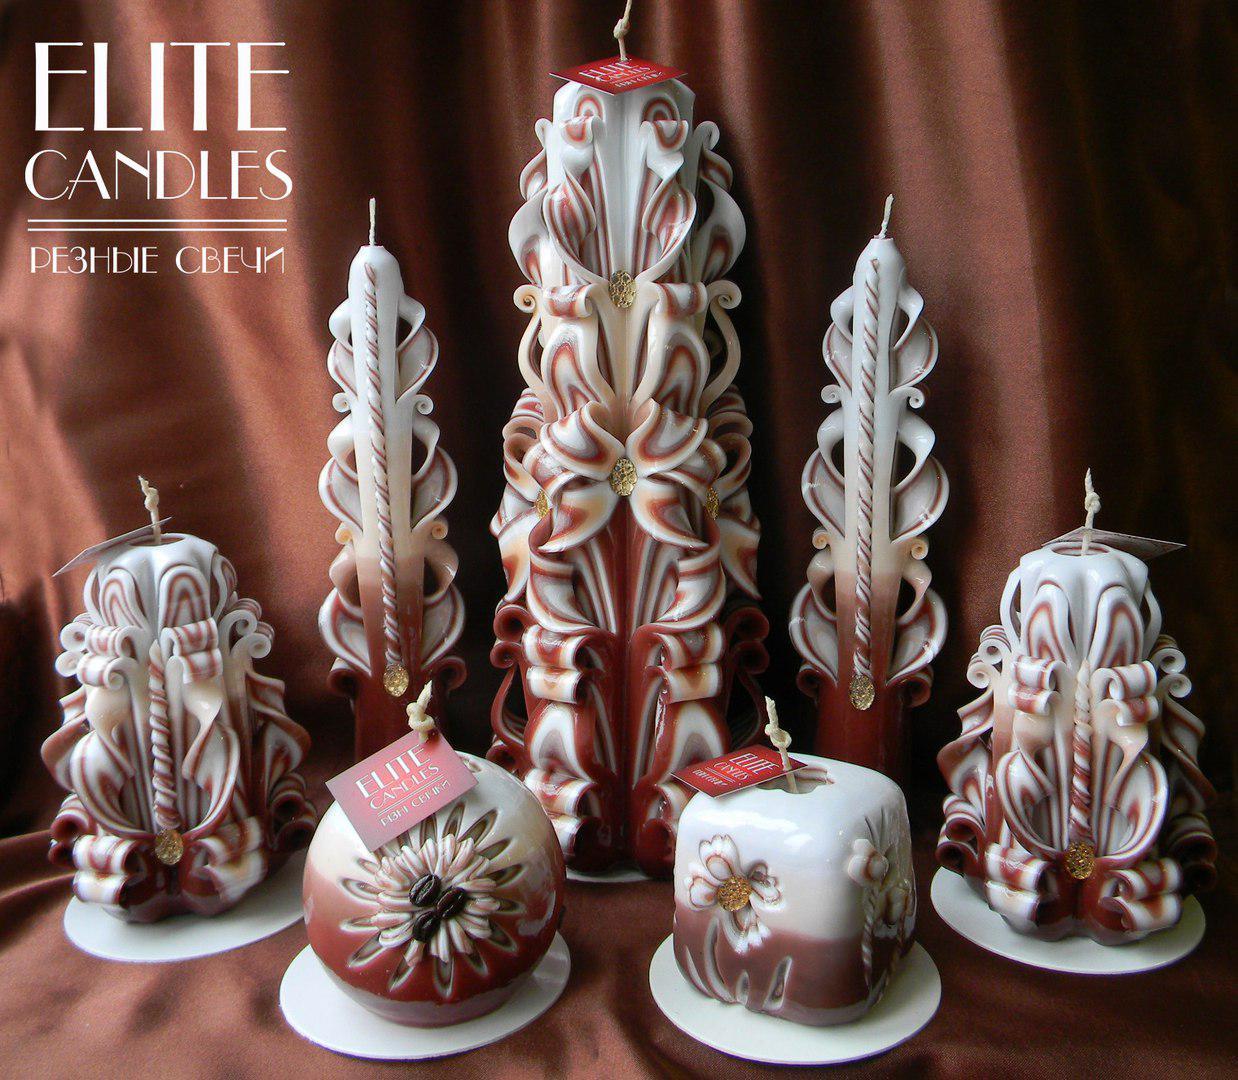 Кофейные резные свечи, красивый набор ручной работы.